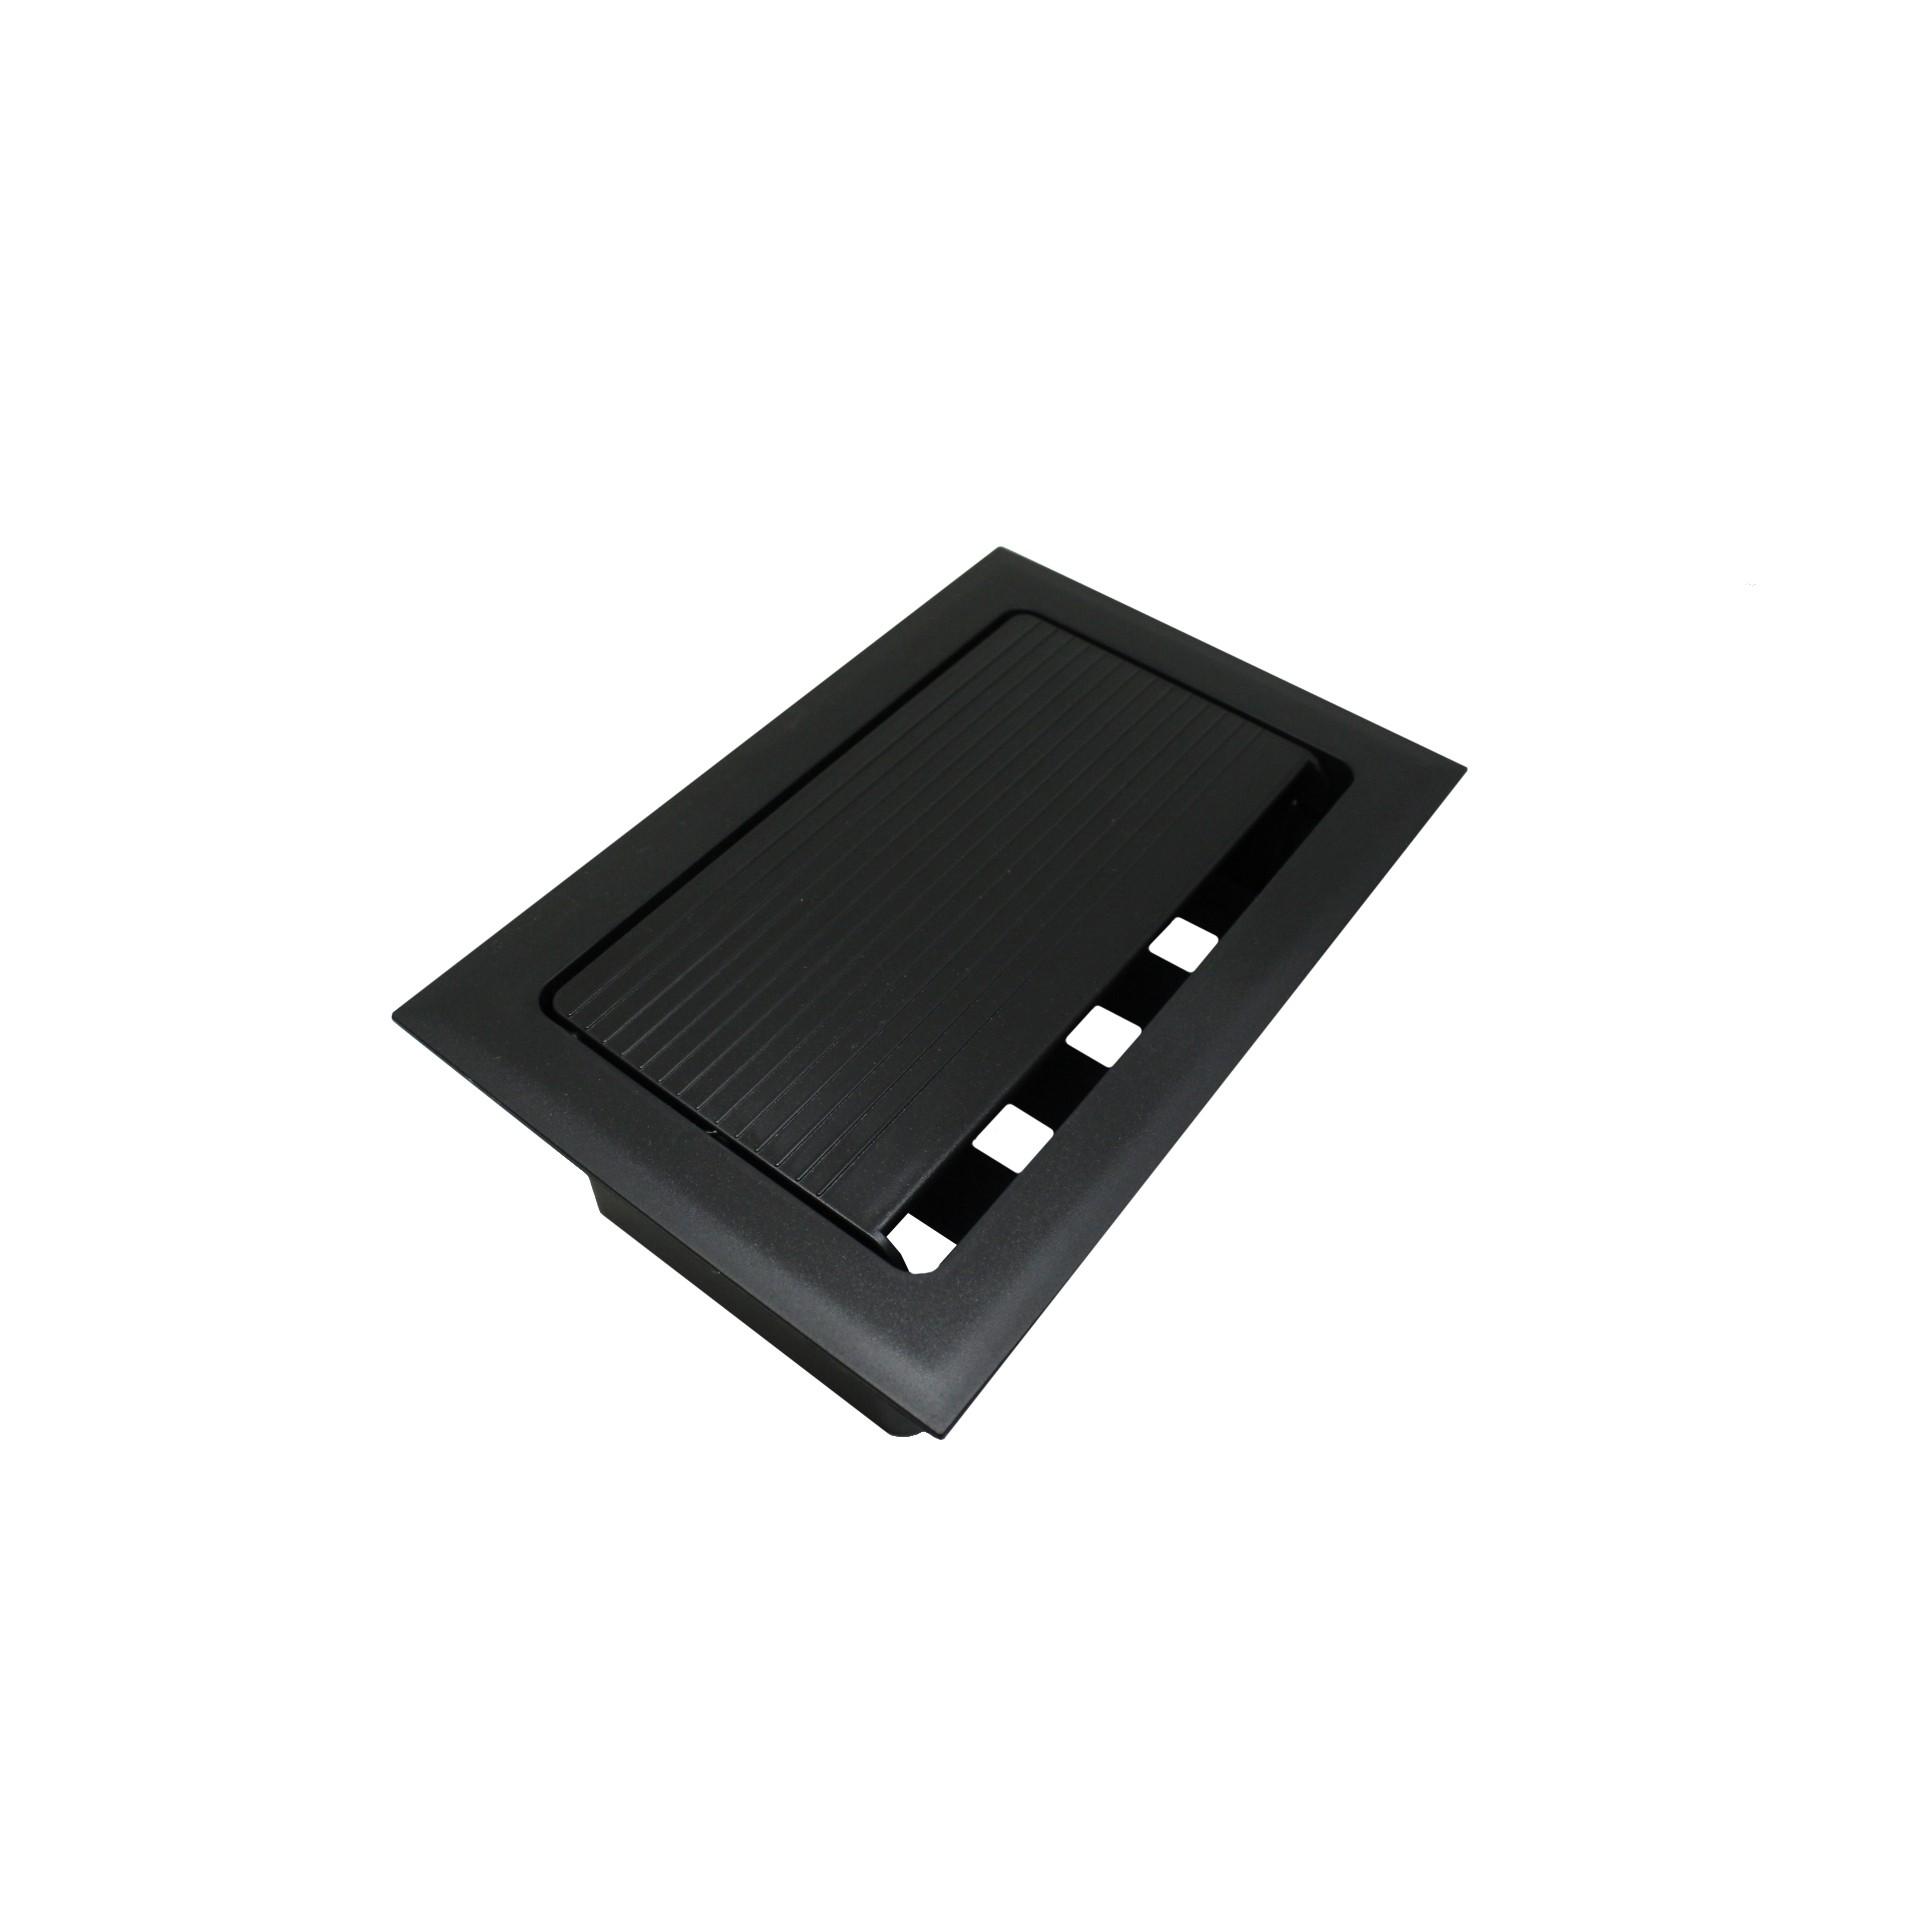 CAIXA DE MESA POP 4 MOD PAINEL+4KEY PT QM-14000.00